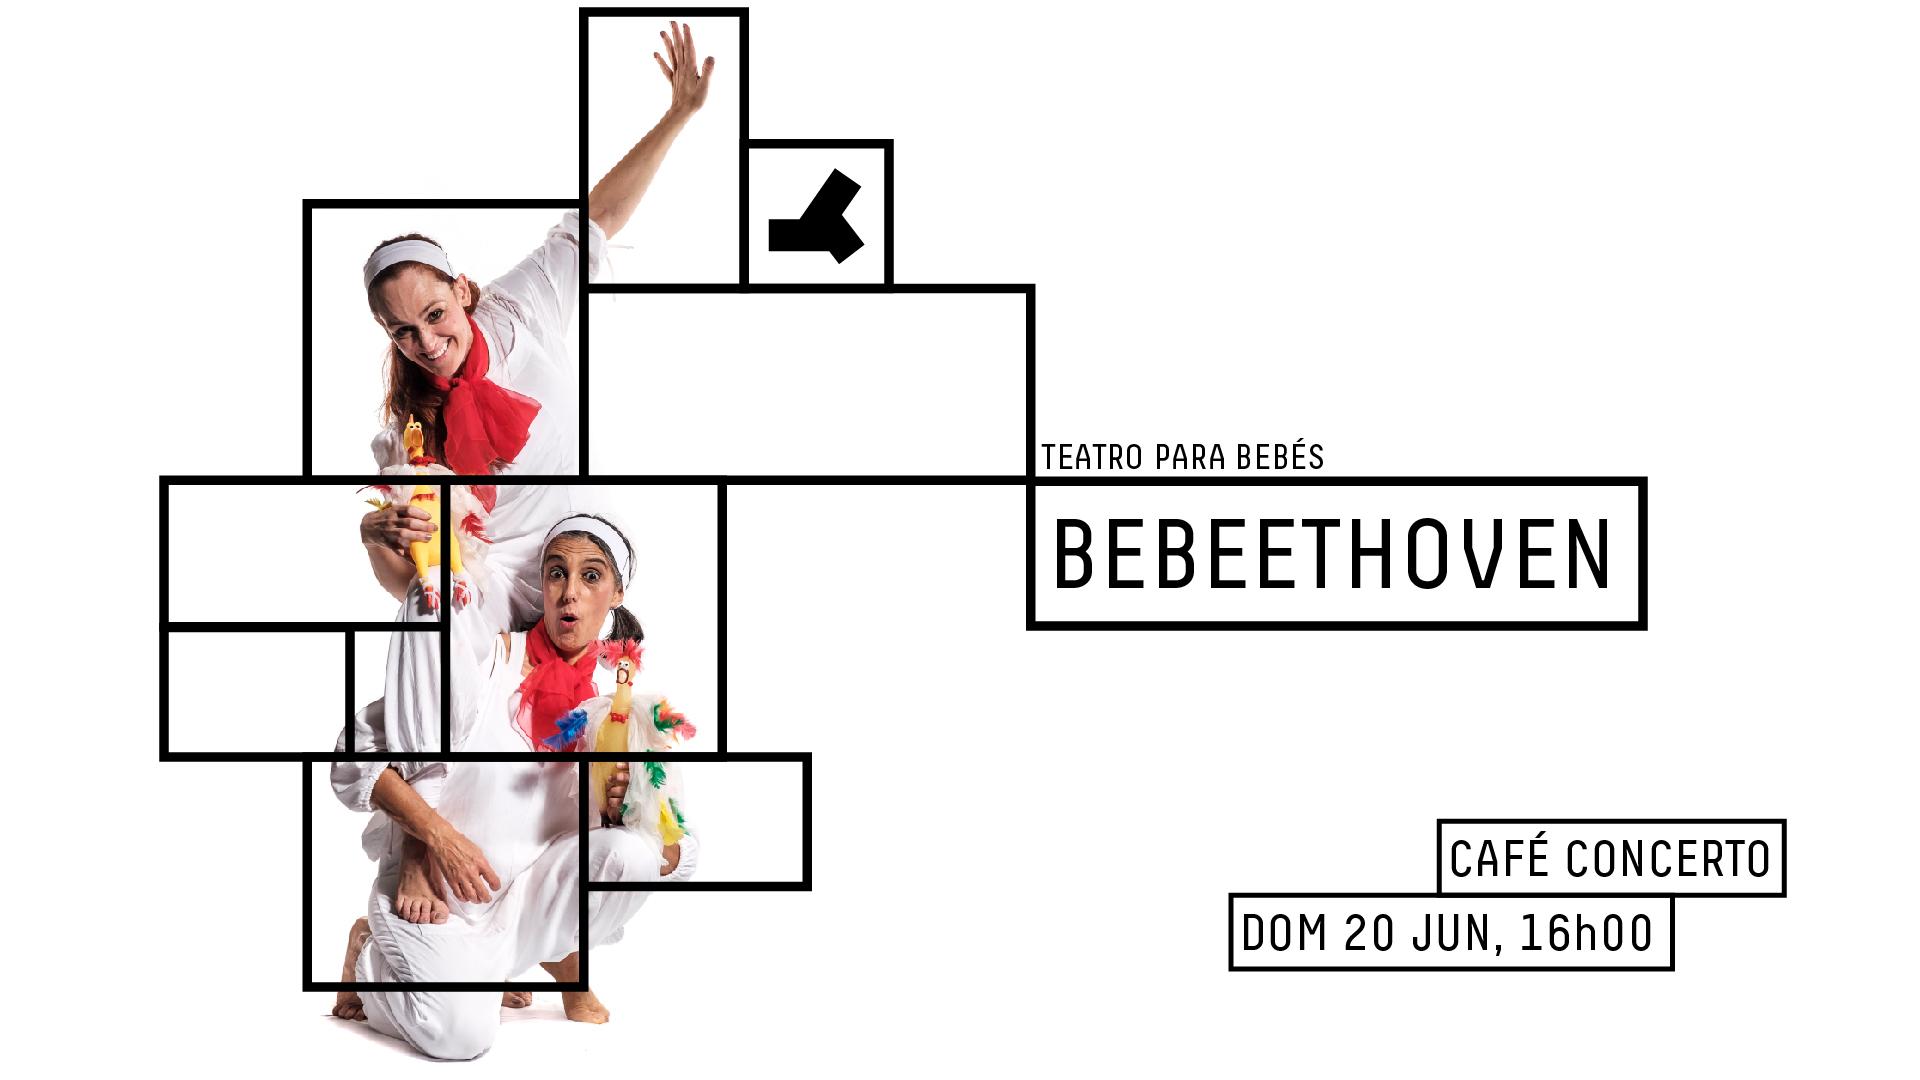 Bebeethoven - Nova Data